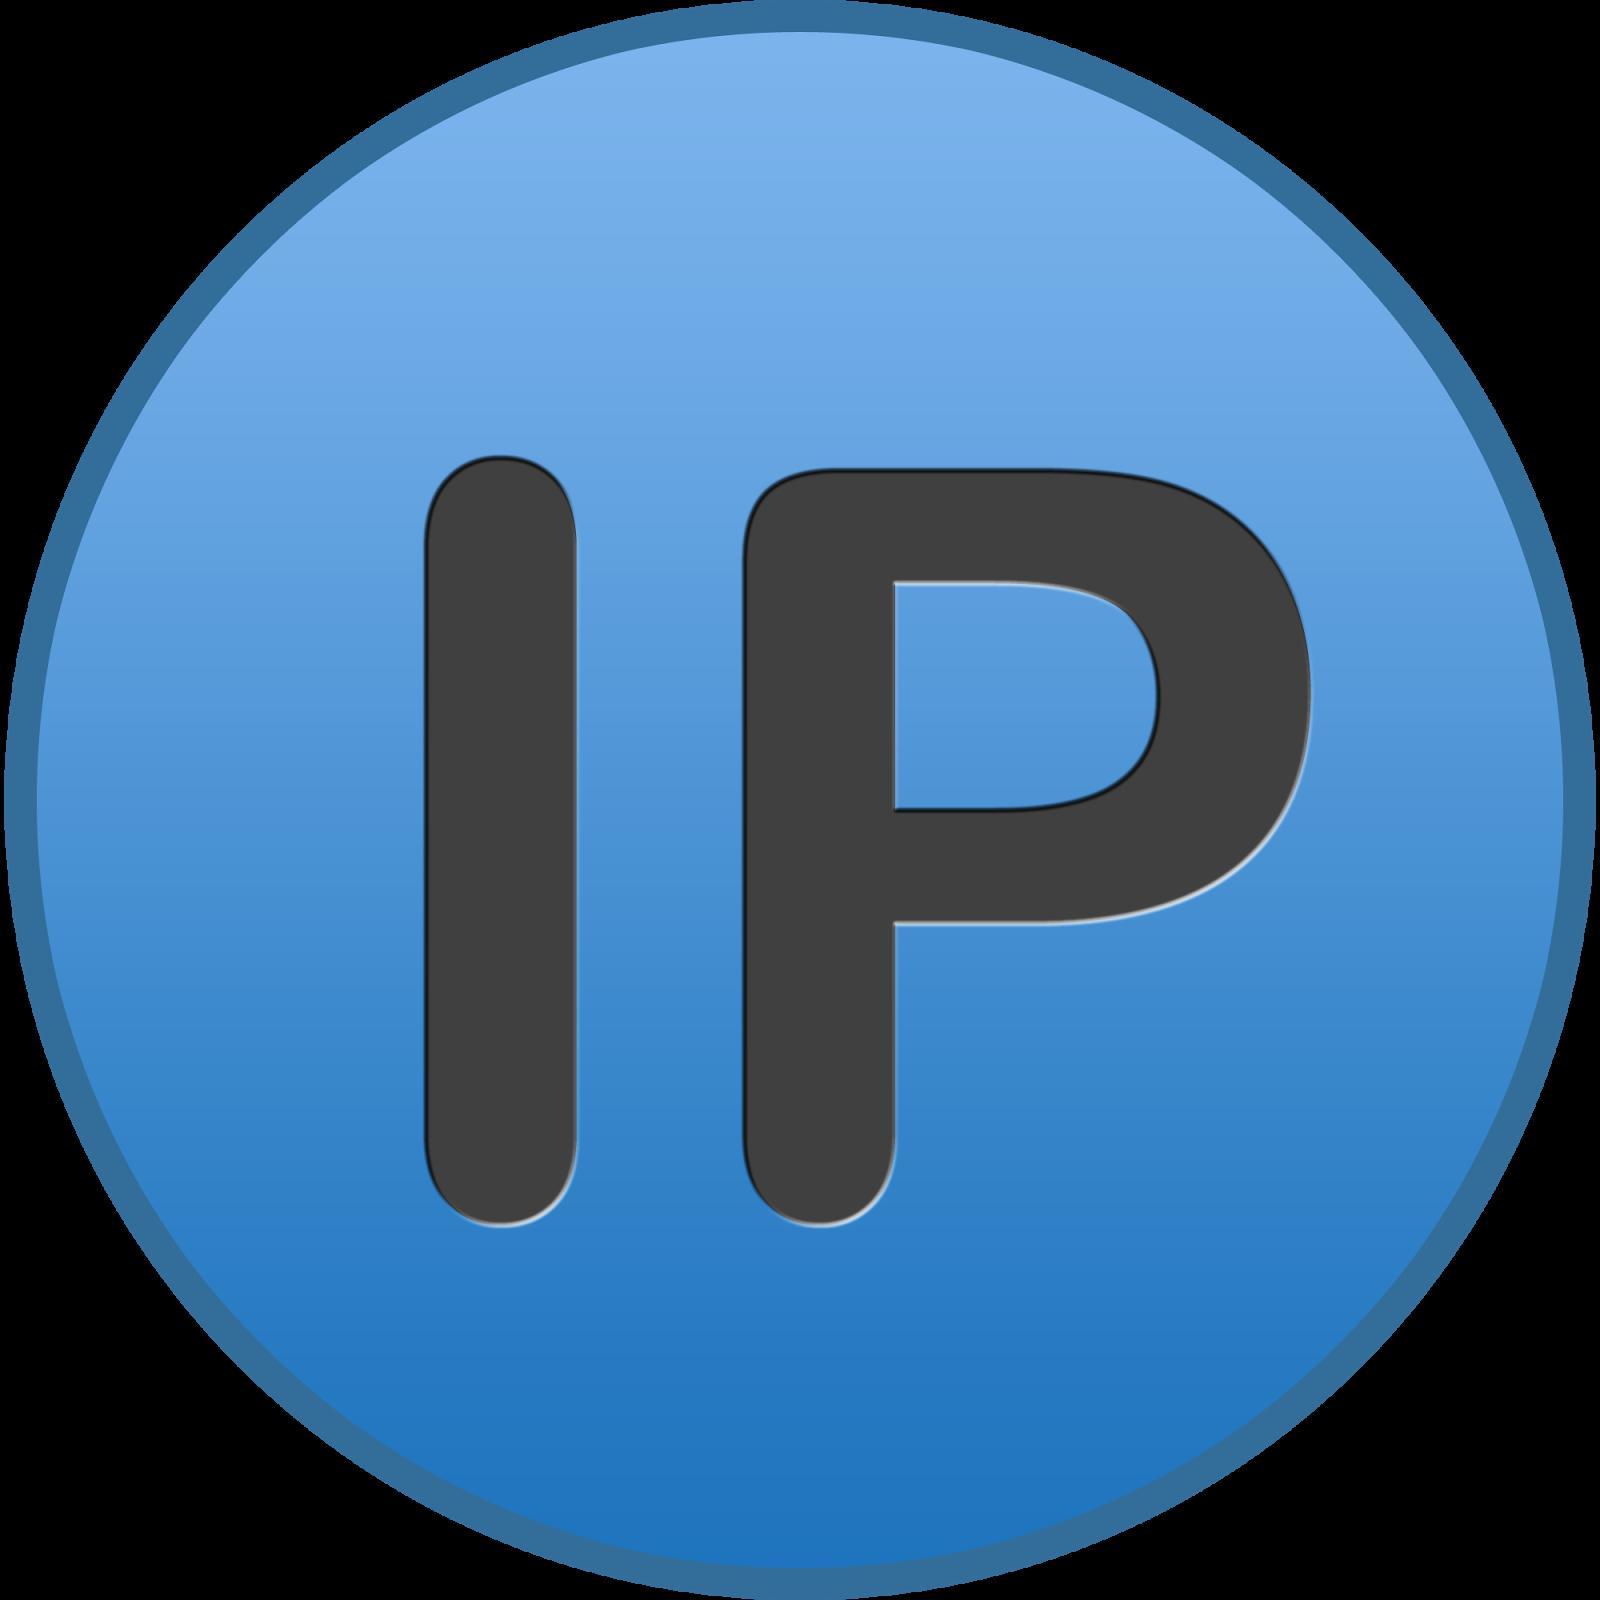 Как узнать, статический или динамический IP-адрес?